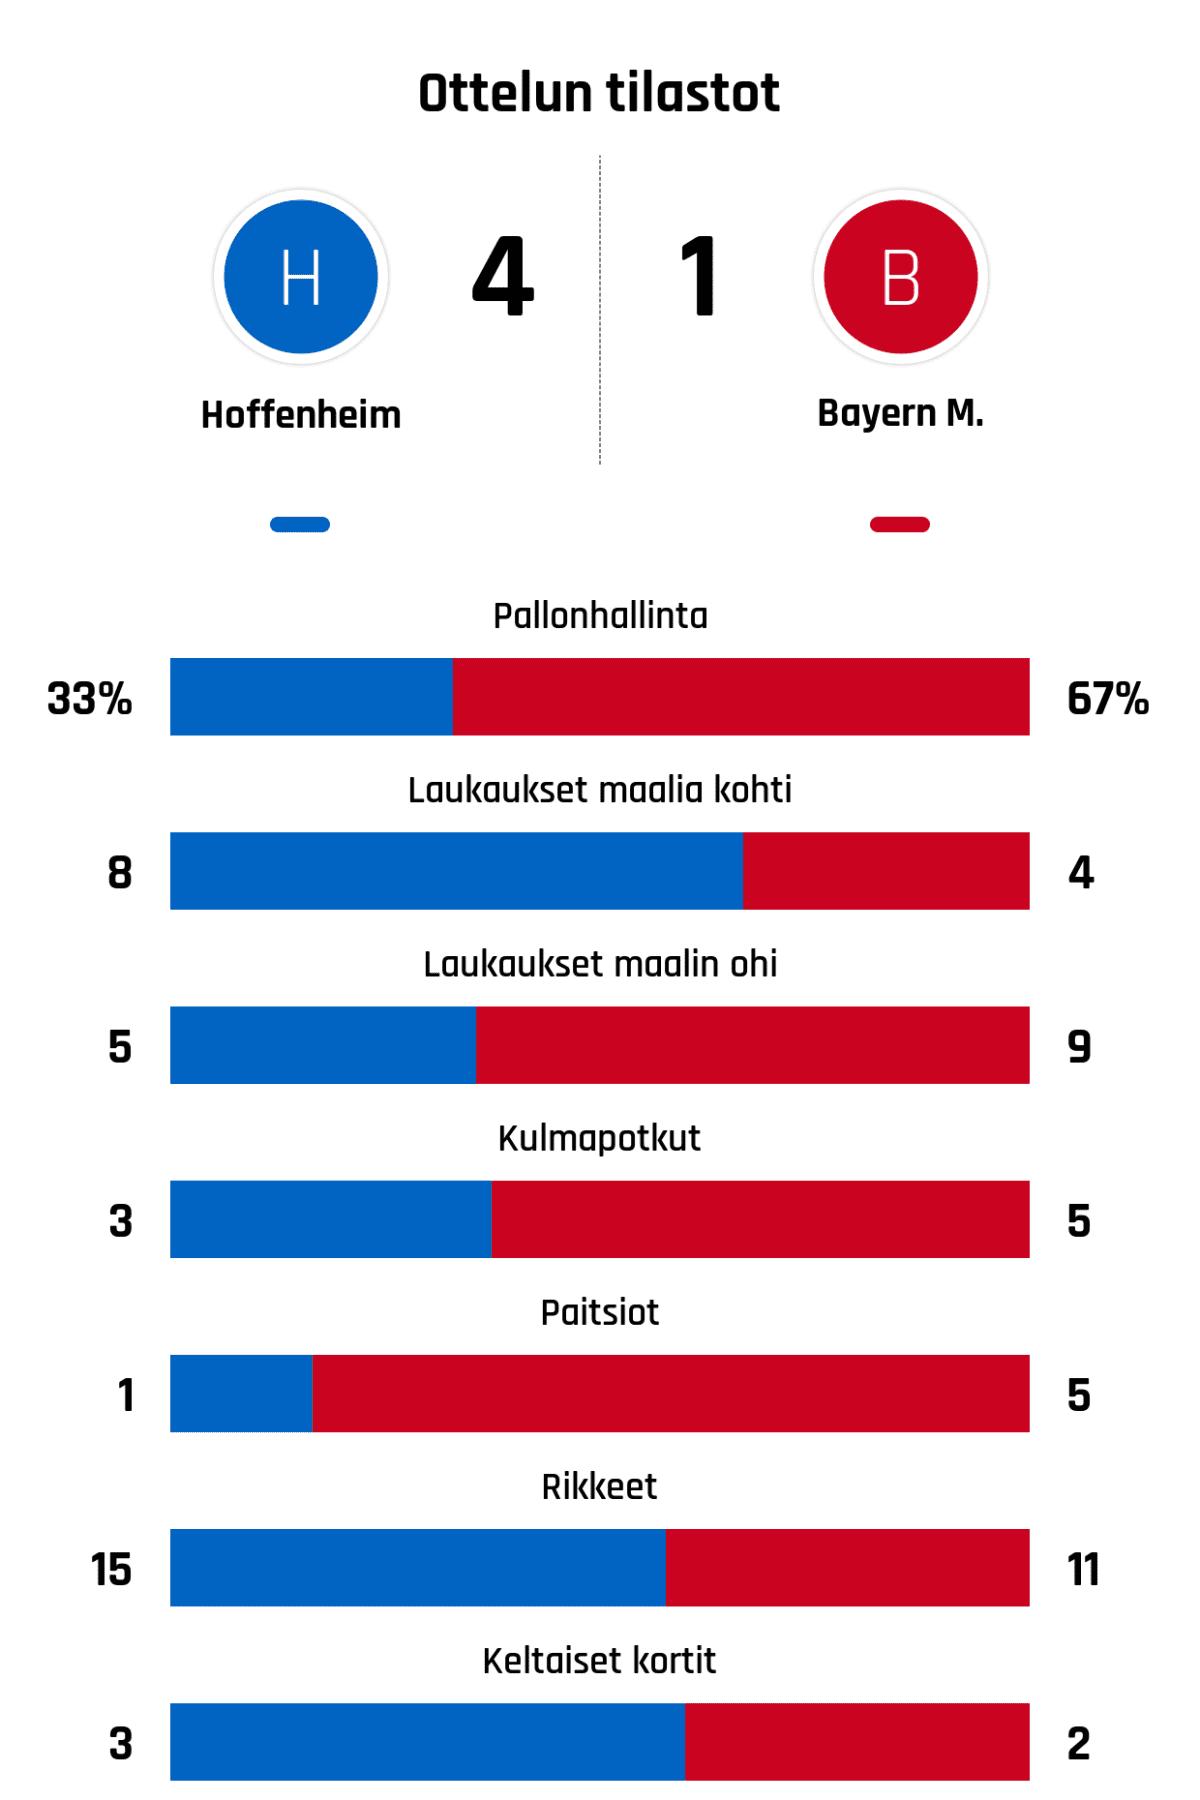 Pallonhallinta 33%-67% Laukaukset maalia kohti 8-4 Laukaukset maalin ohi 5-9 Kulmapotkut 3-5 Paitsiot 1-5 Rikkeet 15-11 Keltaiset kortit 3-2